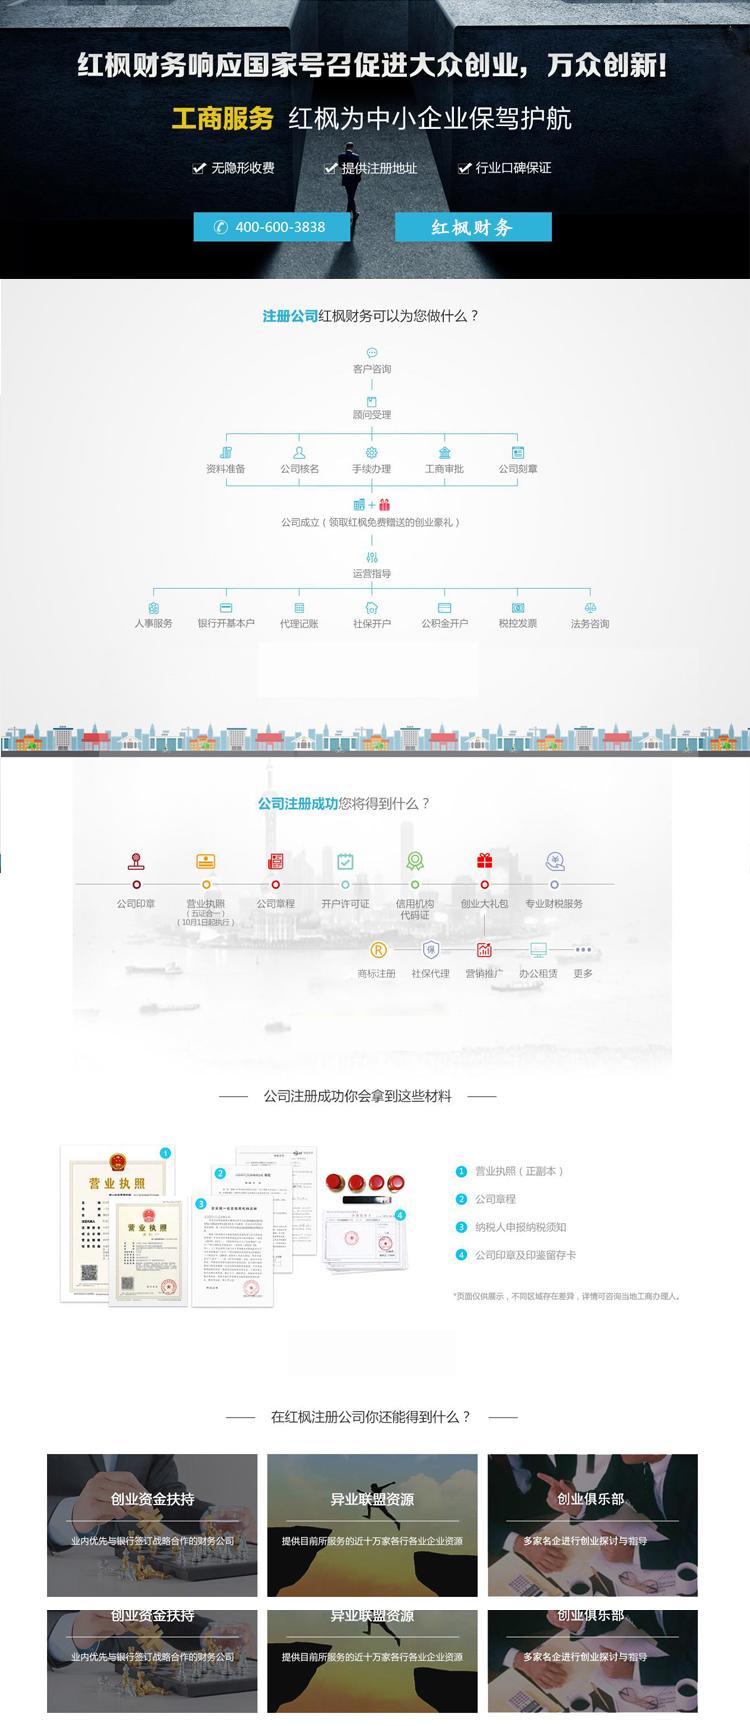 商品图2.jpg